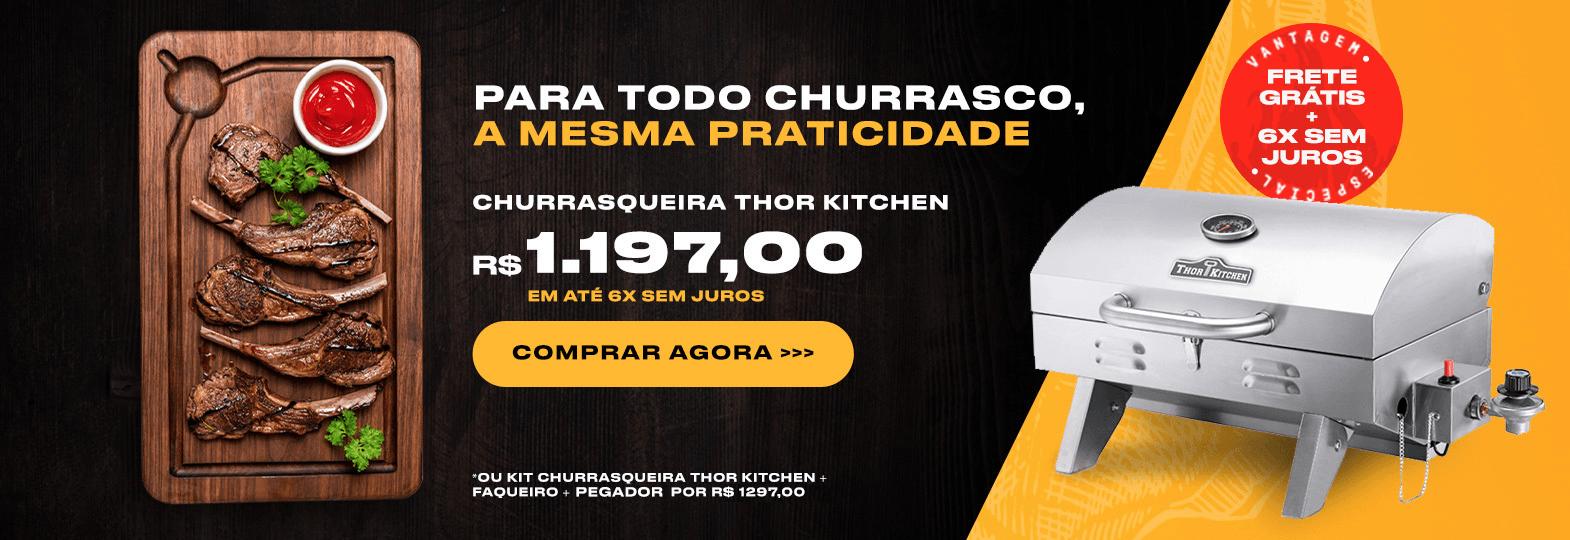 Full Banner 01 promo churras